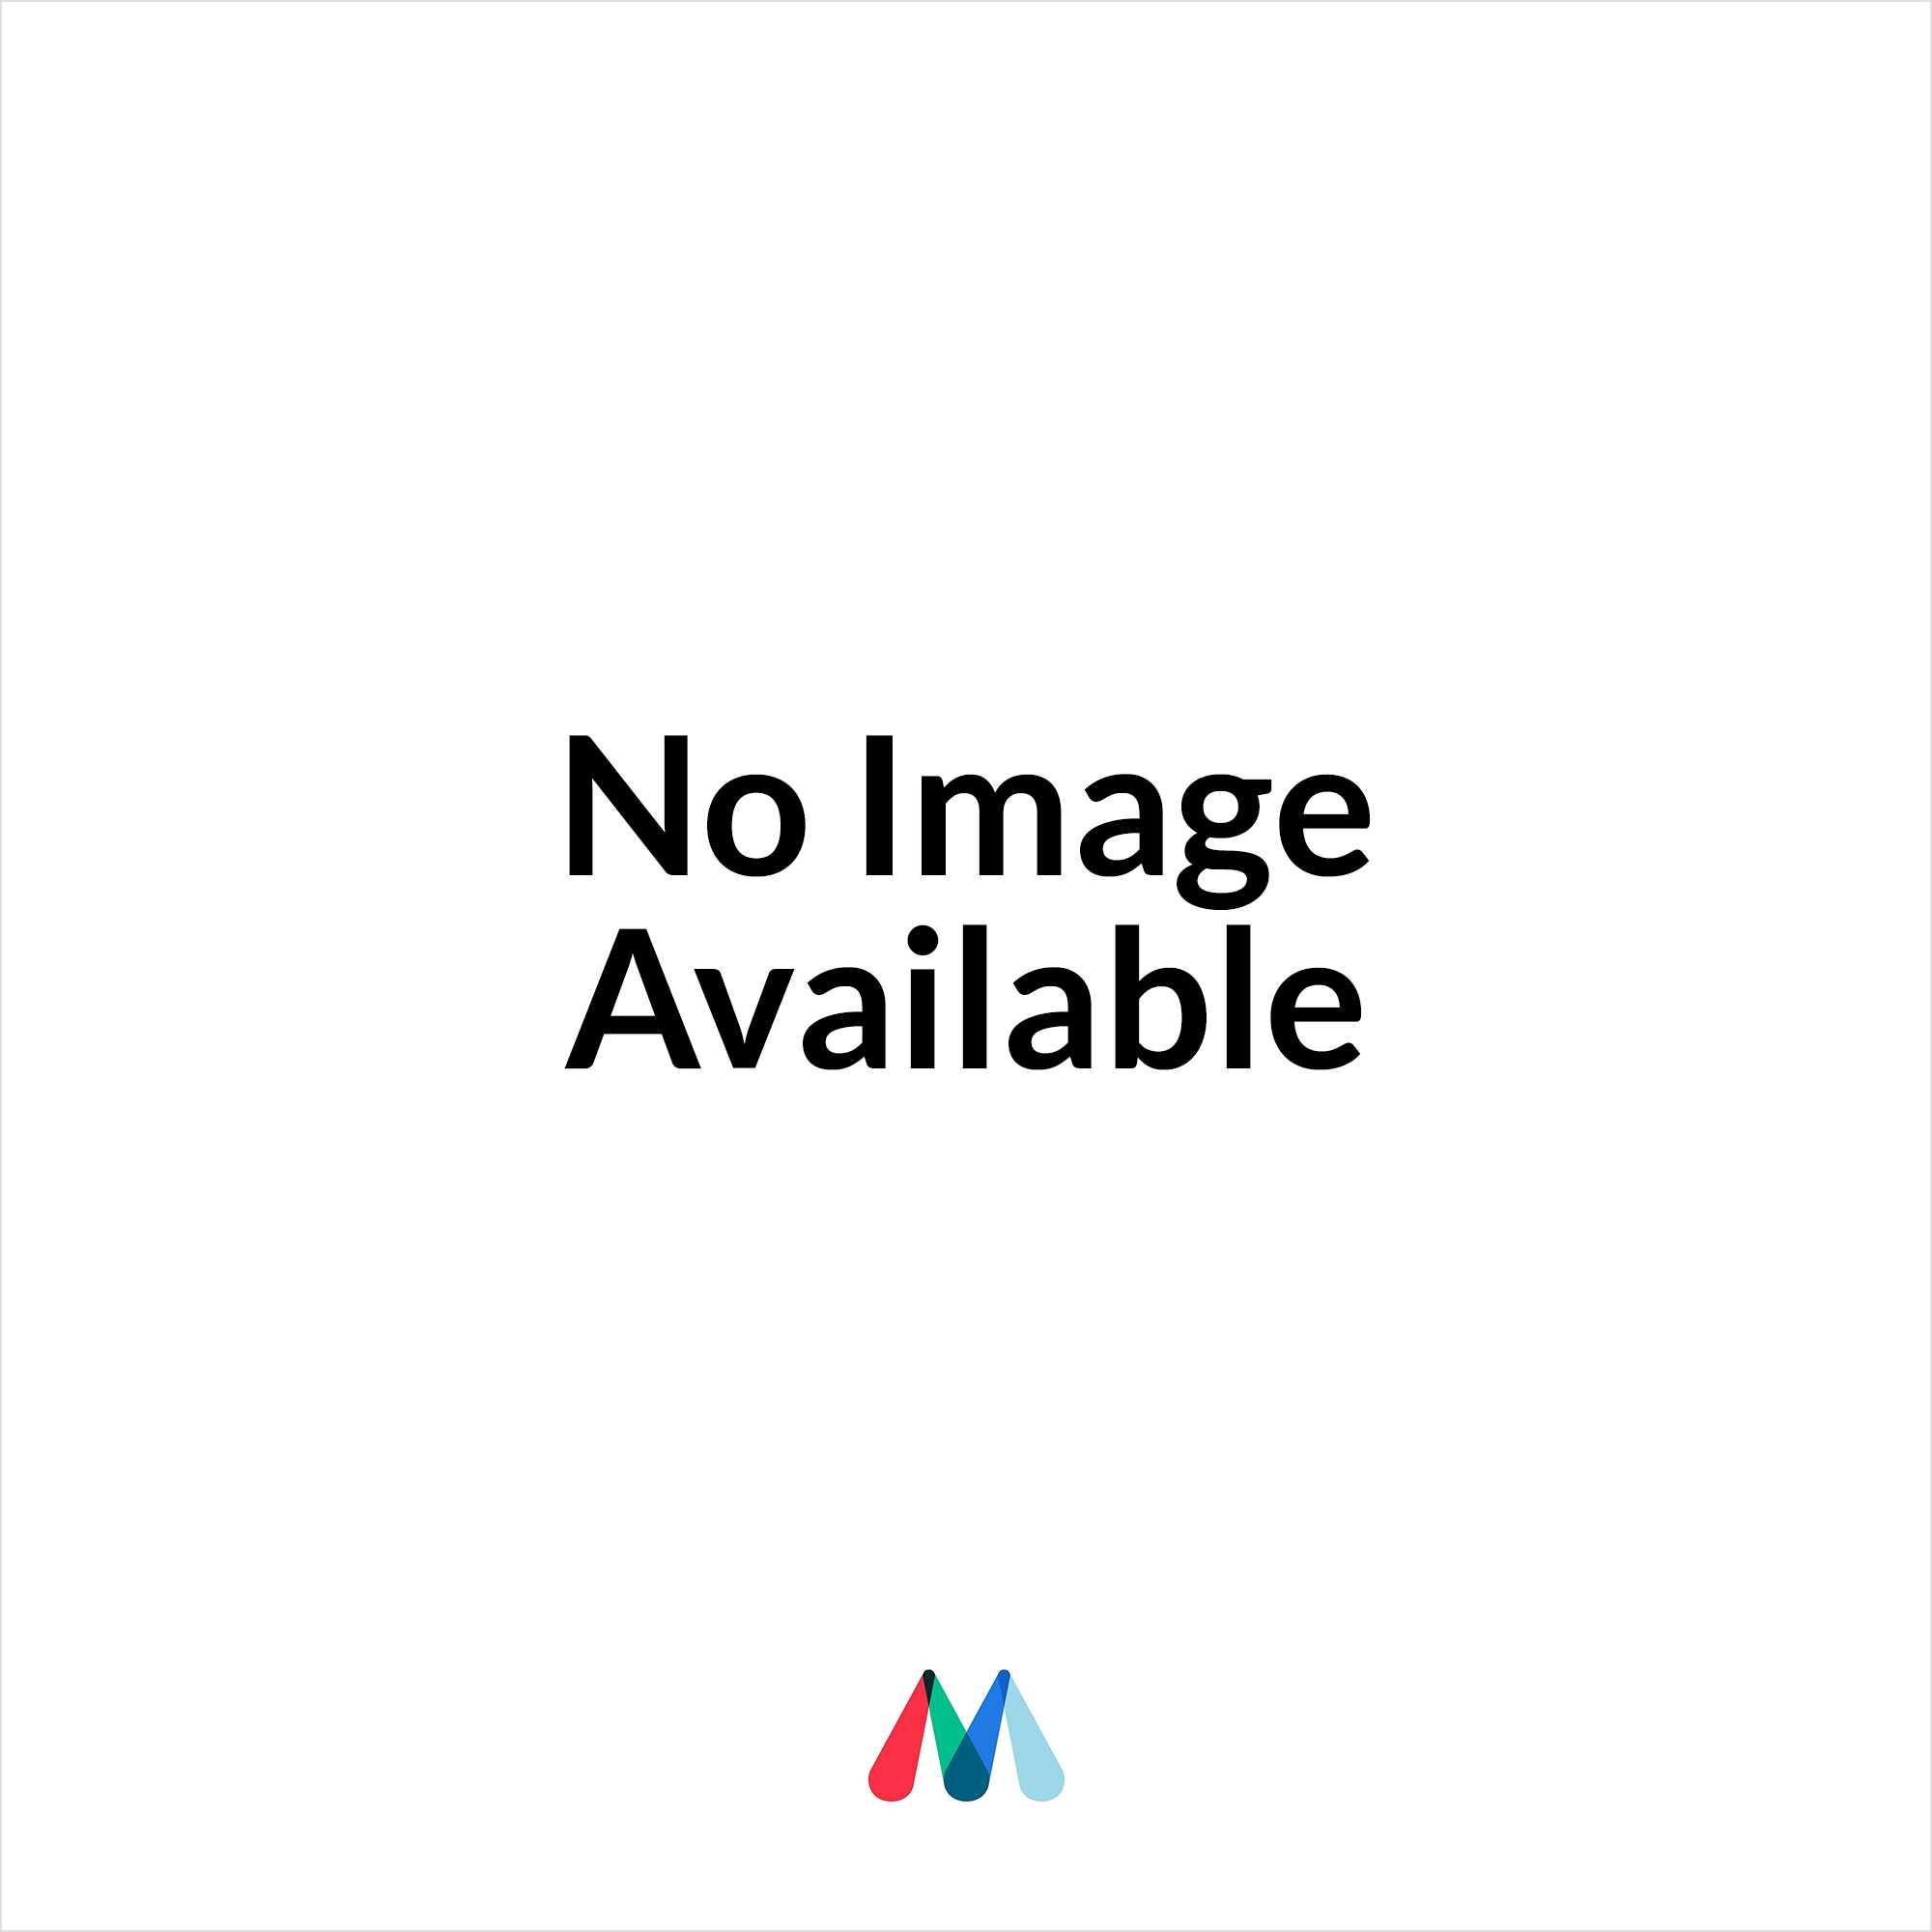 Collingwood Lighting MS02 IP adjustable LED mini light - Stainless steel